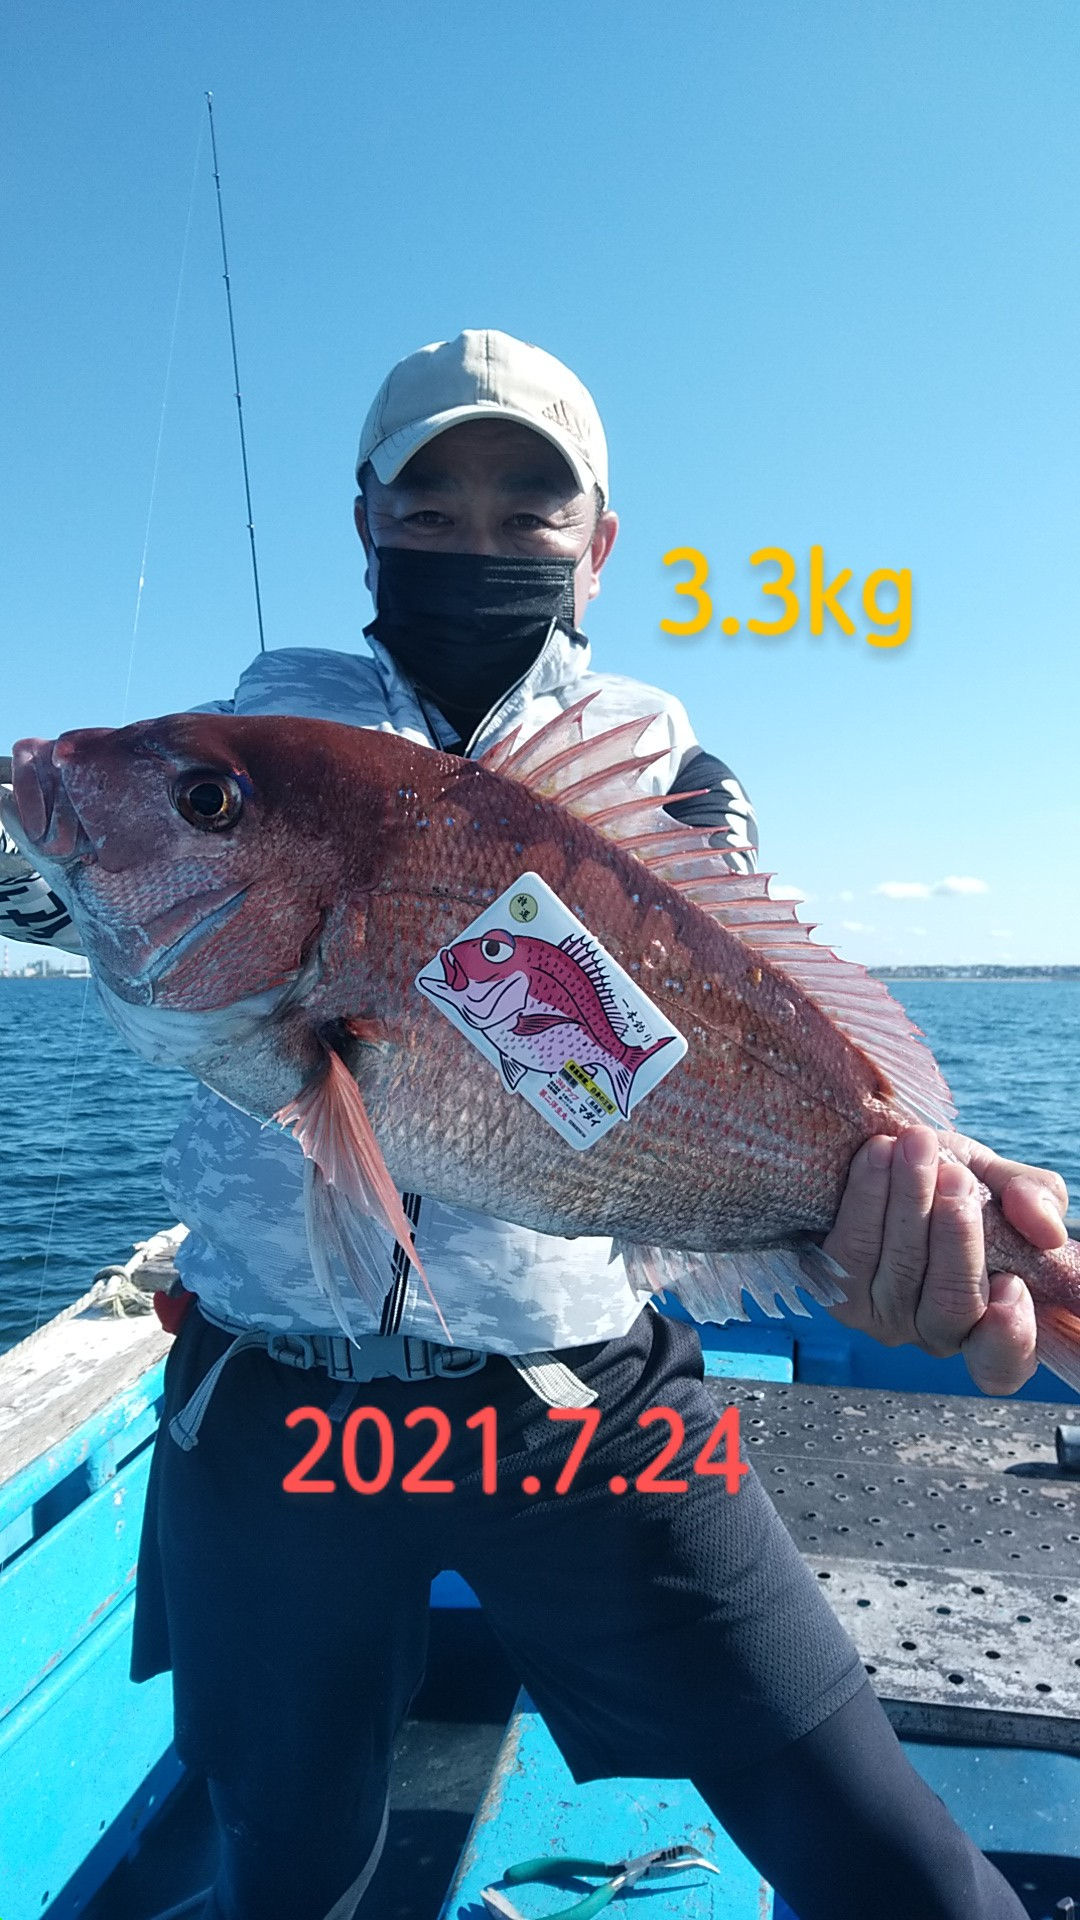 中盤で3.3kg大鯛が獲れました。ラスト30分には1発ありましたが、フックアウトです。